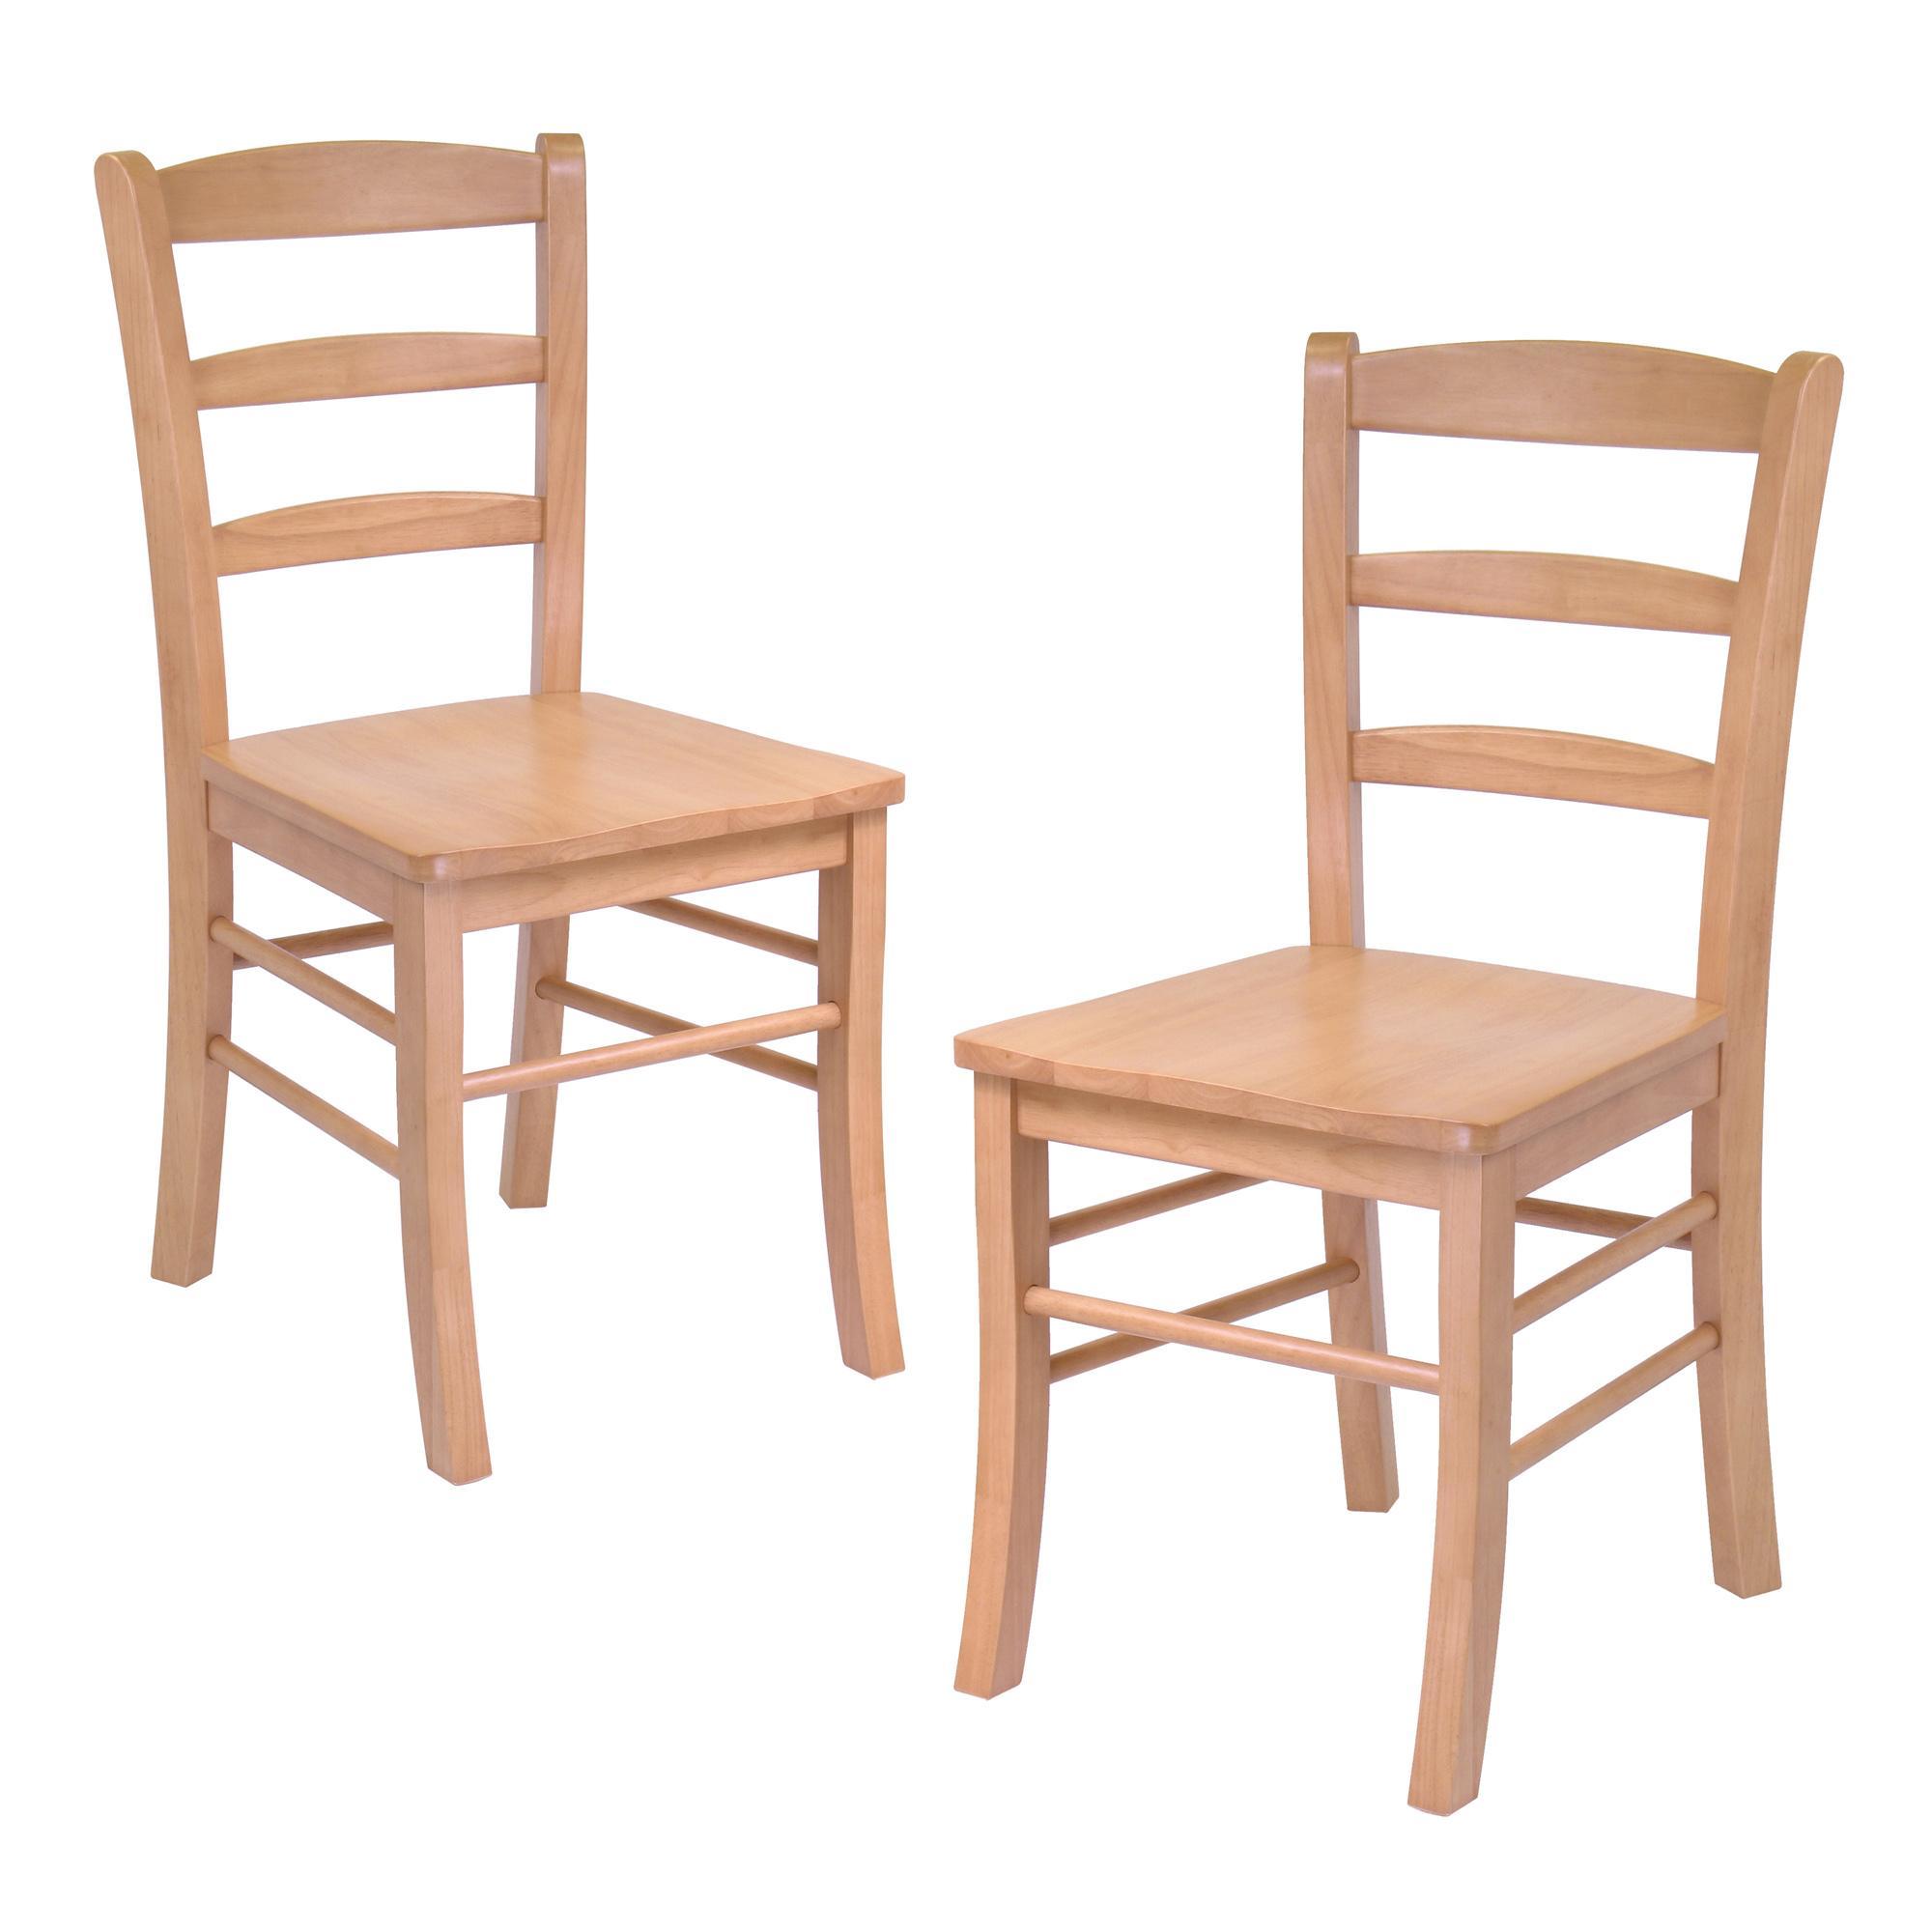 kitchen chairs wooden photo - 4